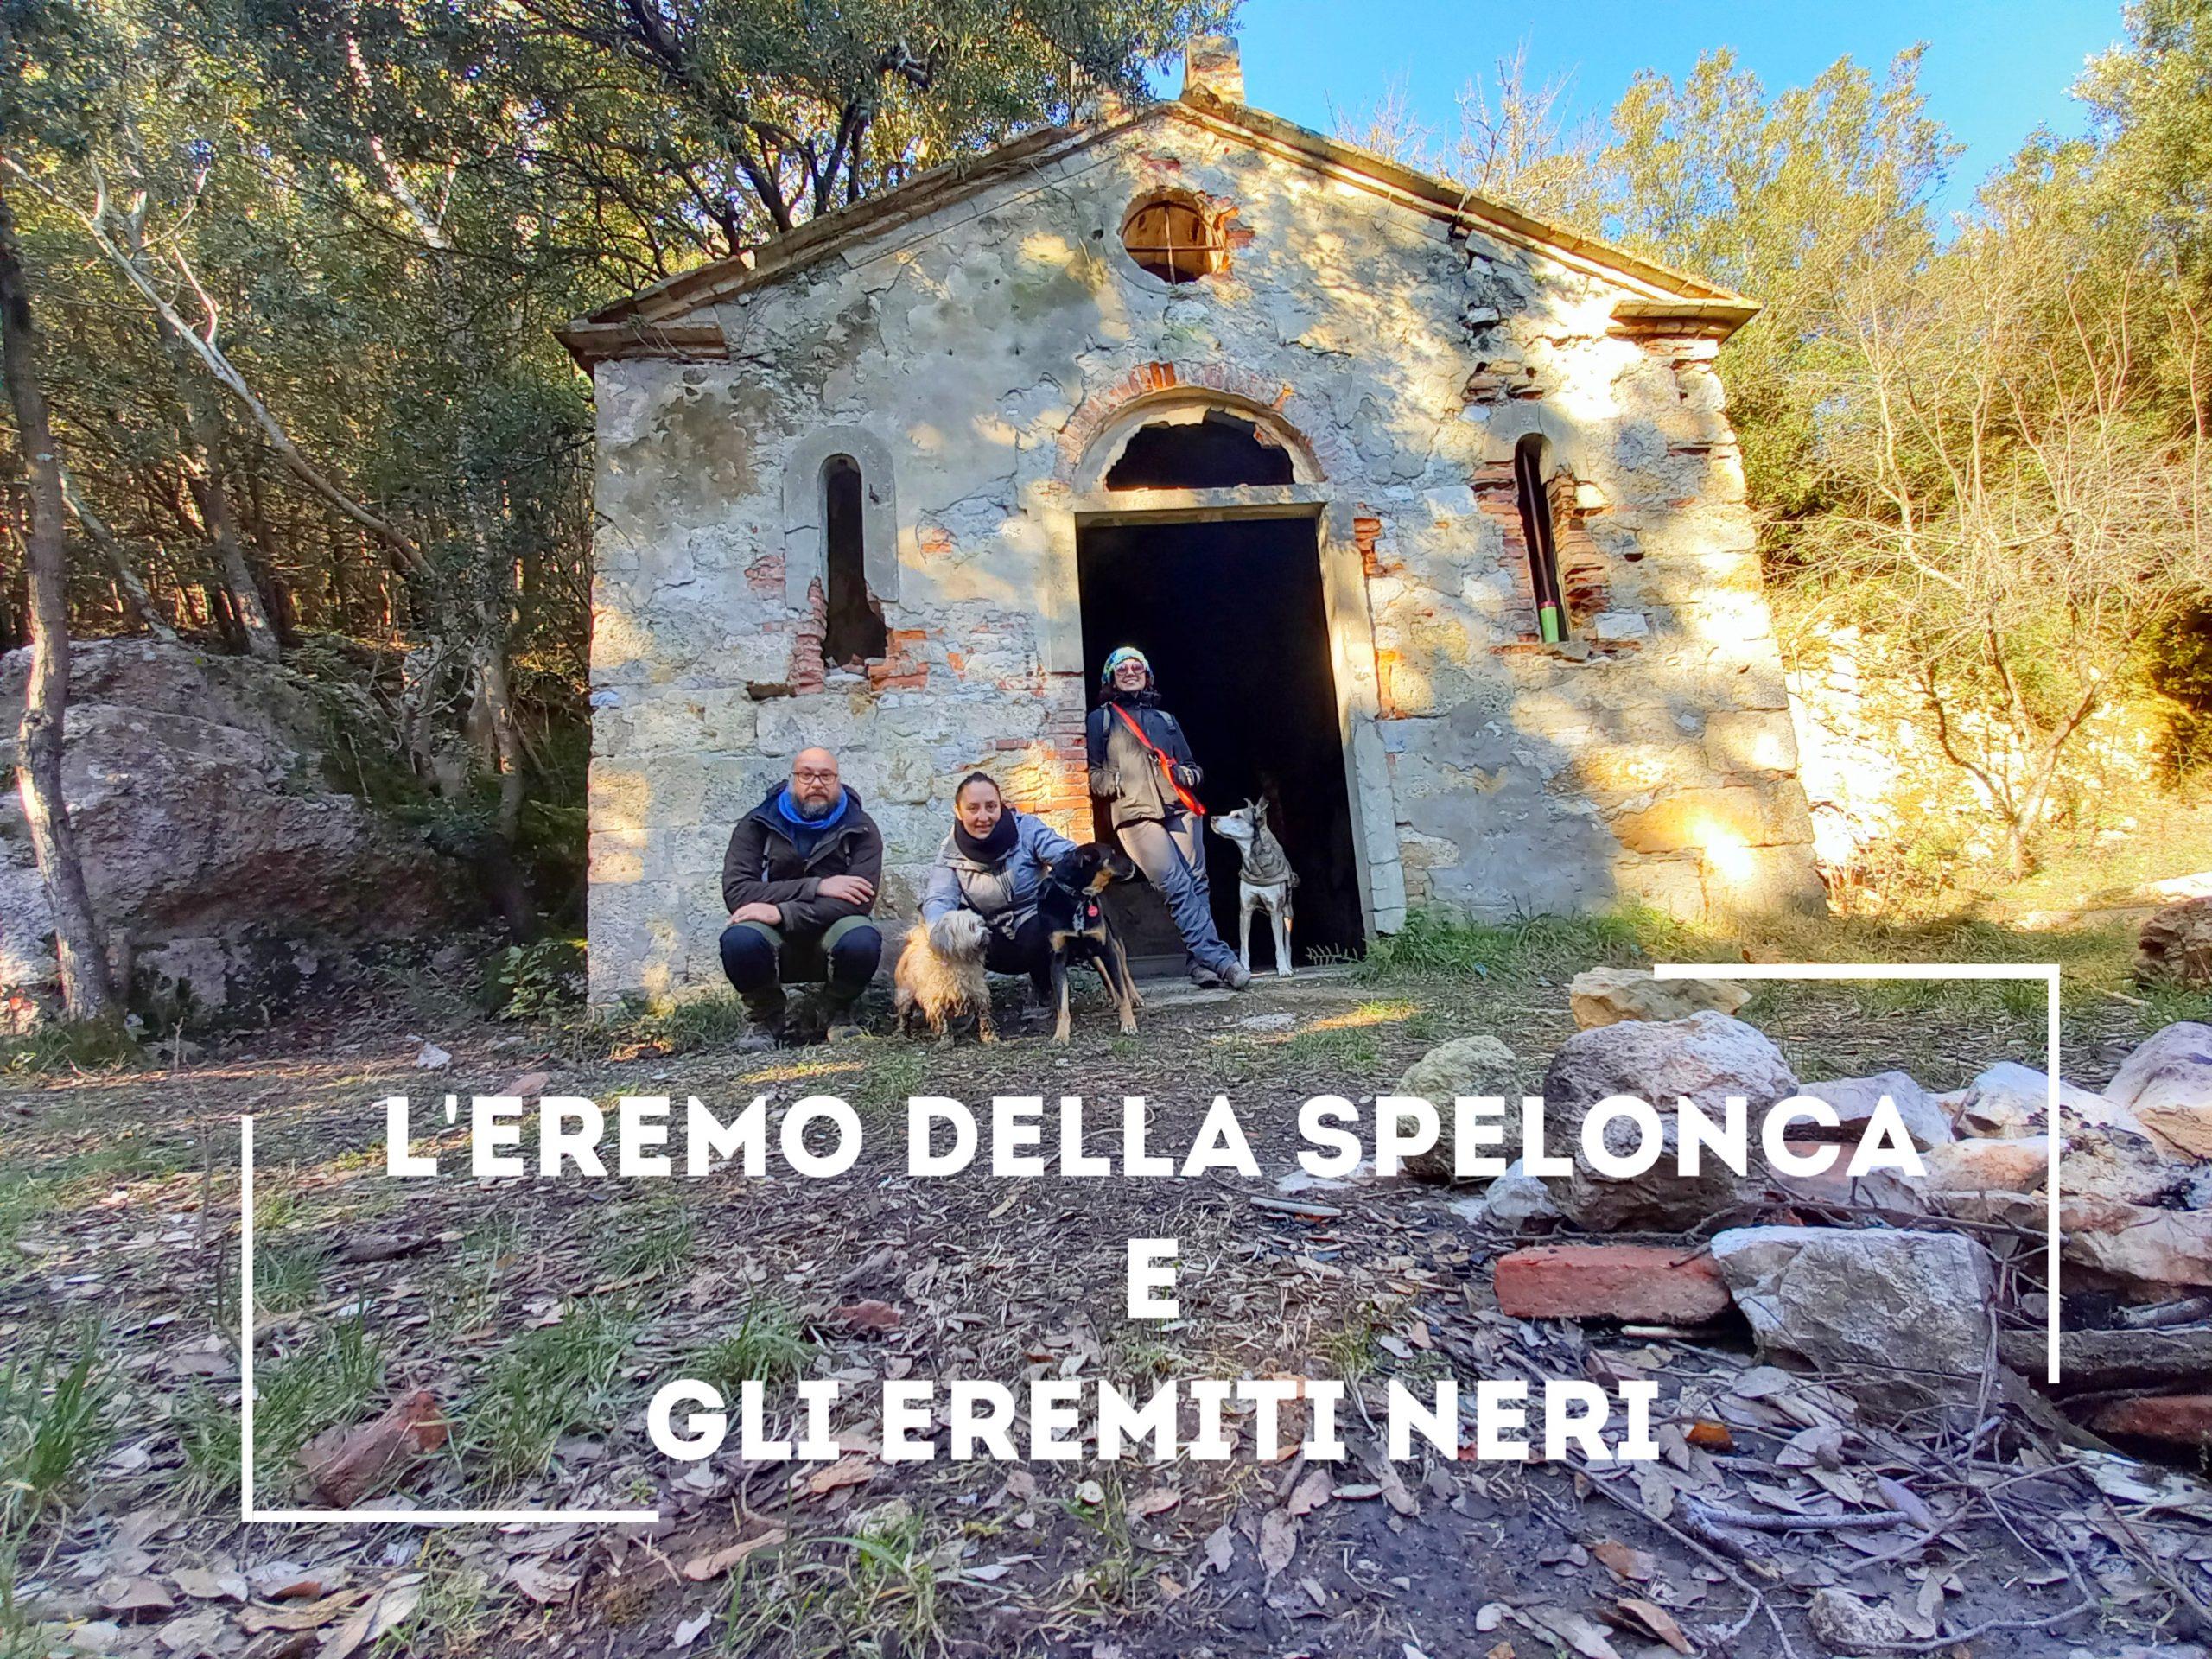 L'eremo della Spelonca e gli eremiti Neri